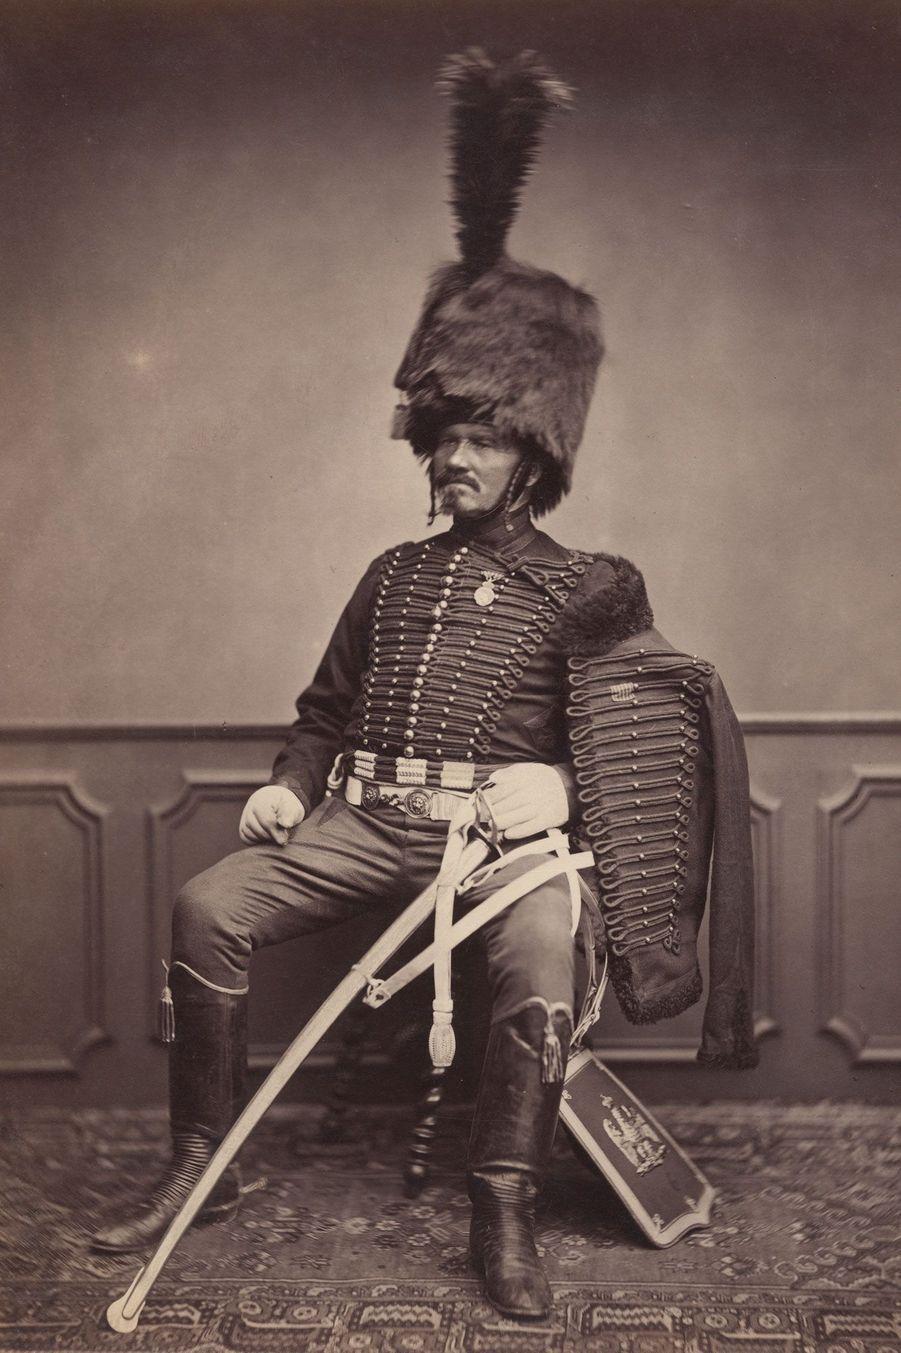 Le hussard. Monsieur Moret était également un cavalier. Il possède une sabretache, qui sert de porte-documents.